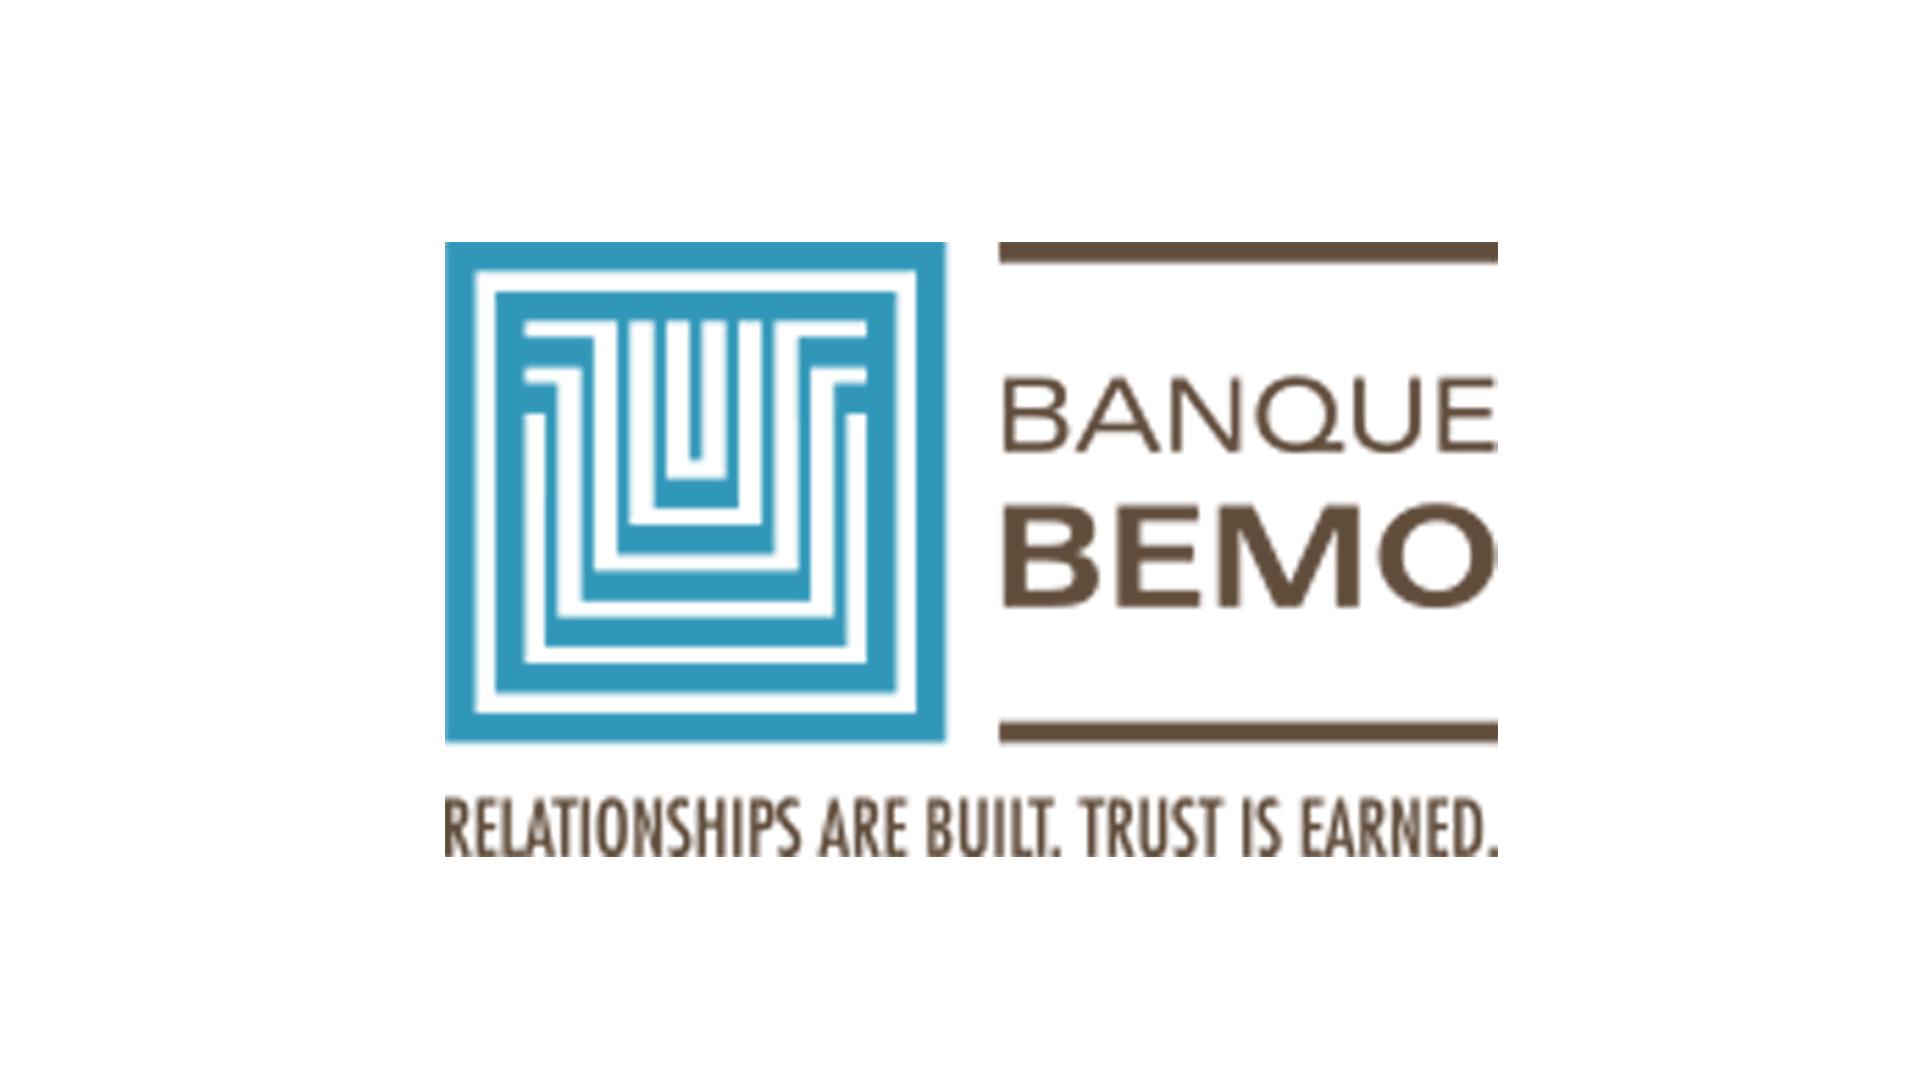 Bemo-Bank- Rabieh